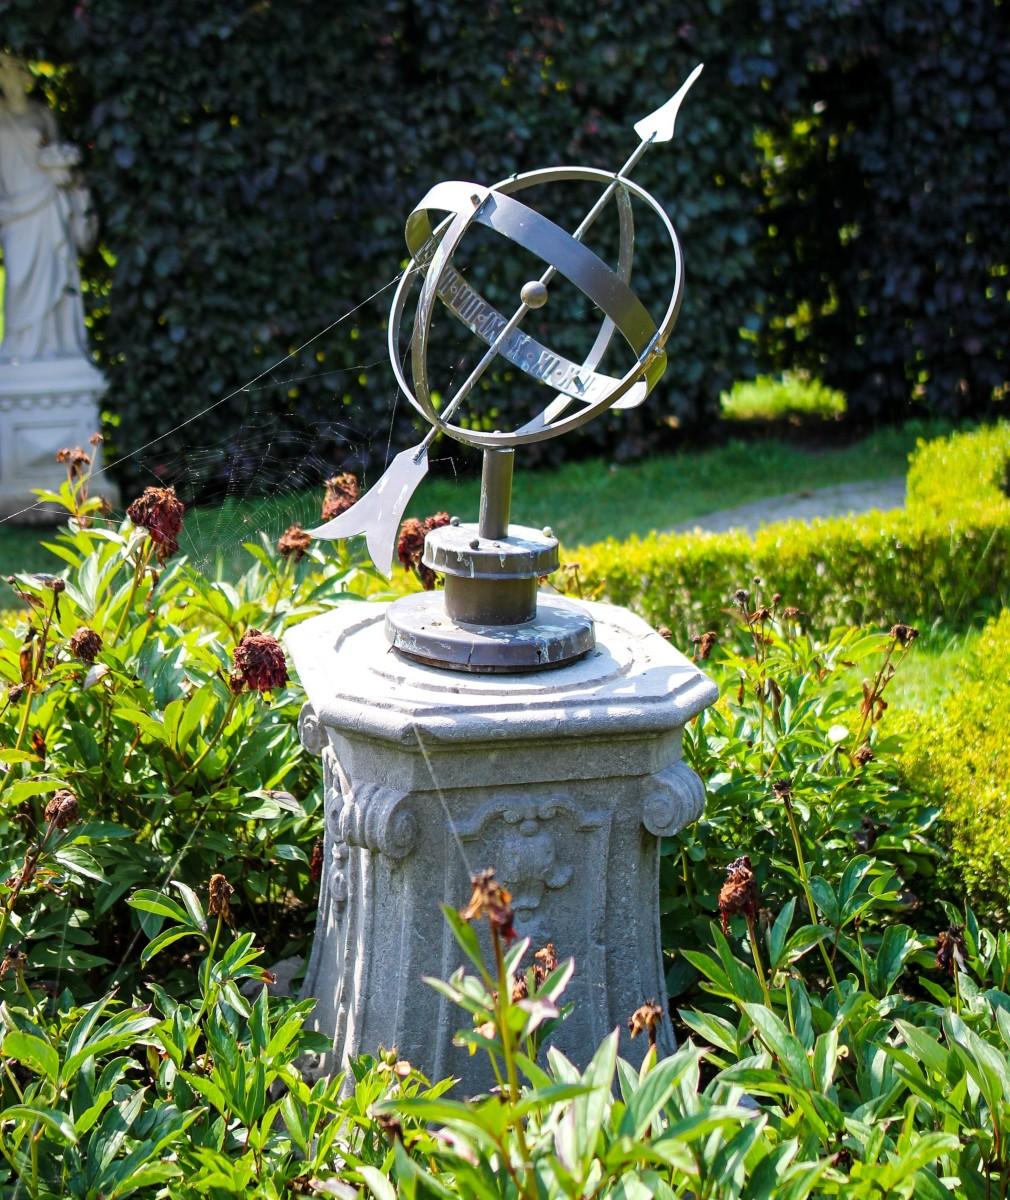 The Timeless Sundial